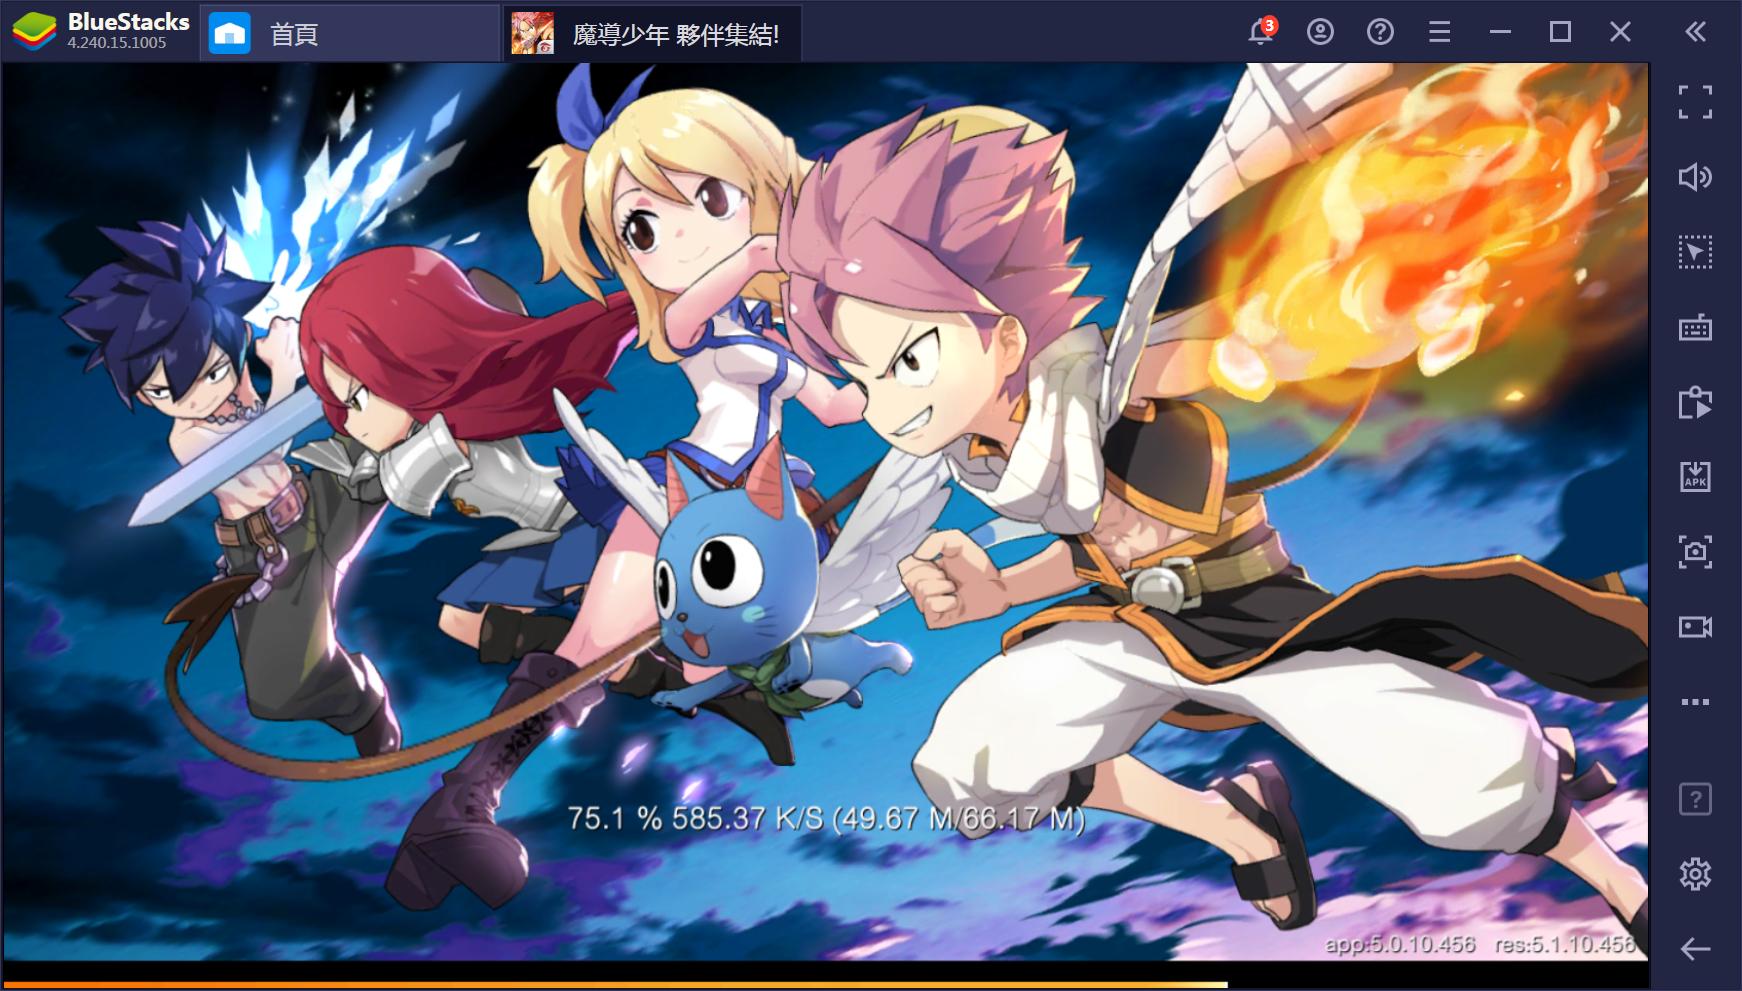 使用BlueStacks在PC上遊玩回合制策略游戲《魔導少年:夥伴集結!》